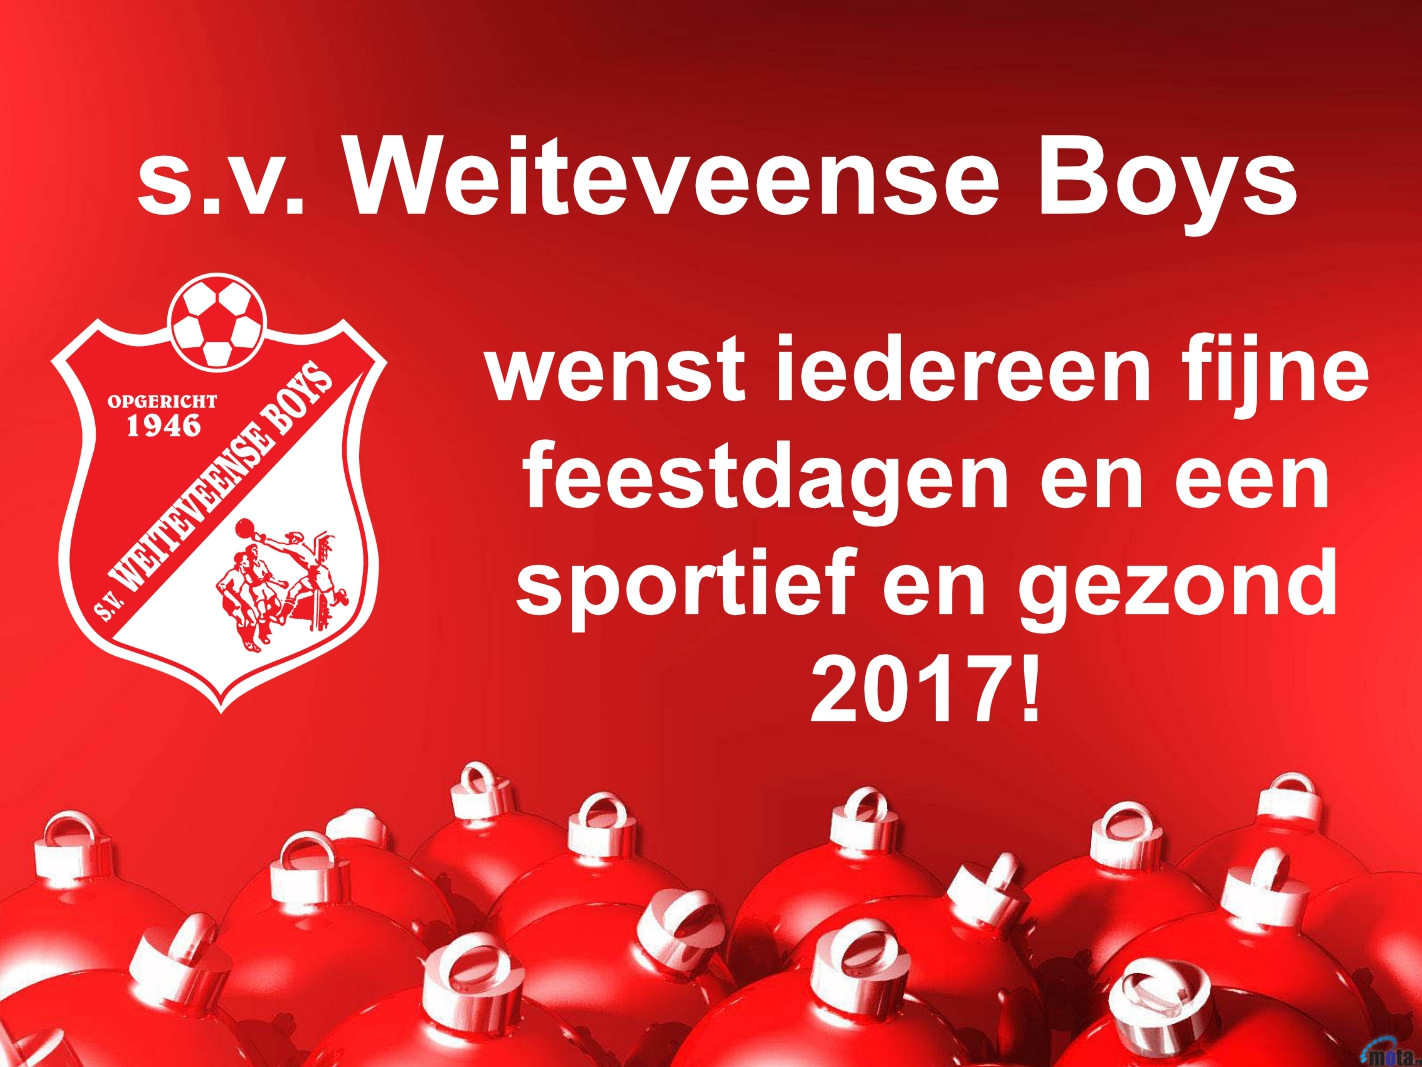 Kerst En Nieuwjaarswens S V Weiteveense Boys